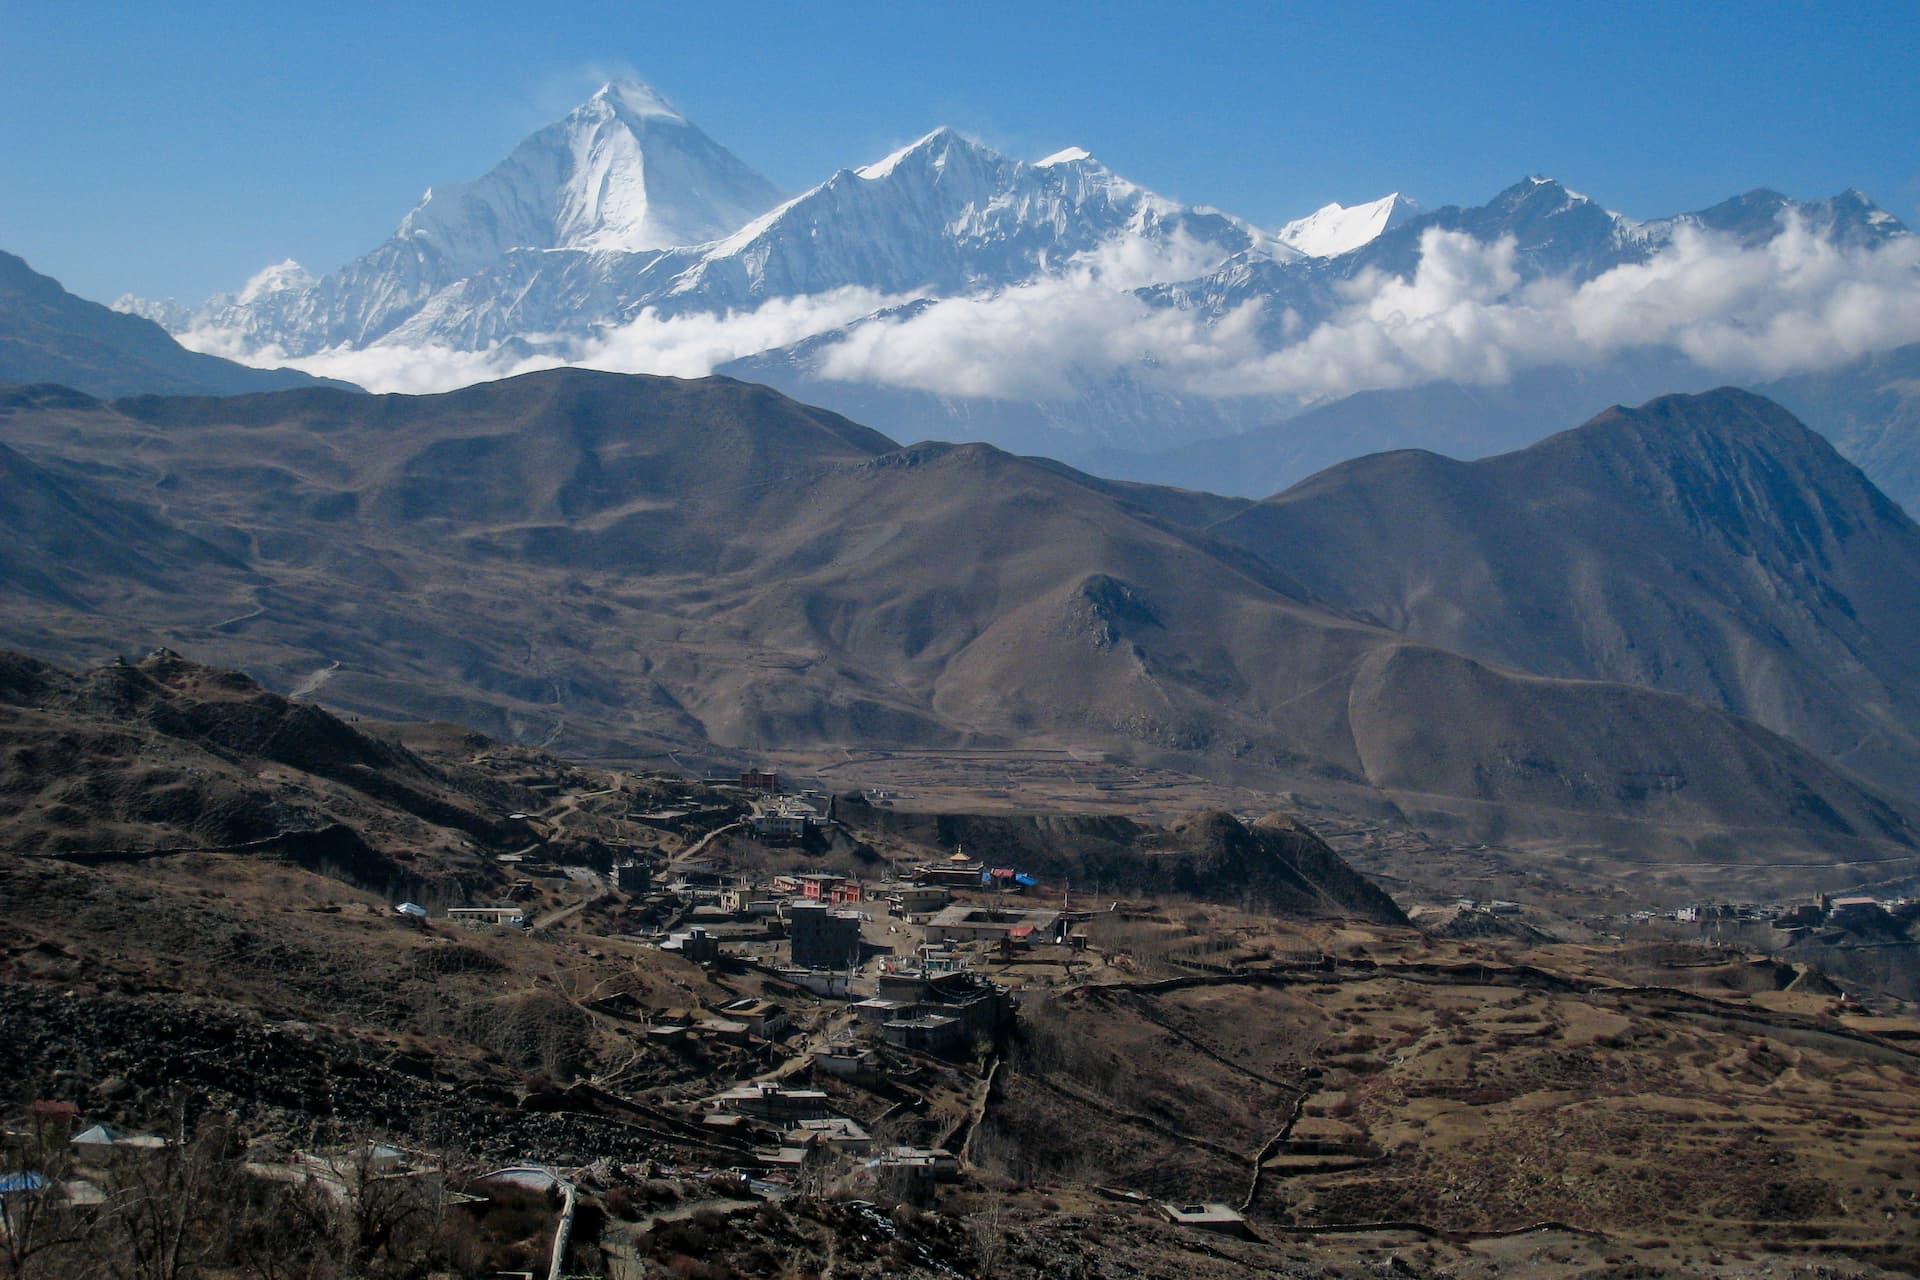 Locul 7 cei mai înalți munți - Dhaulagiri I